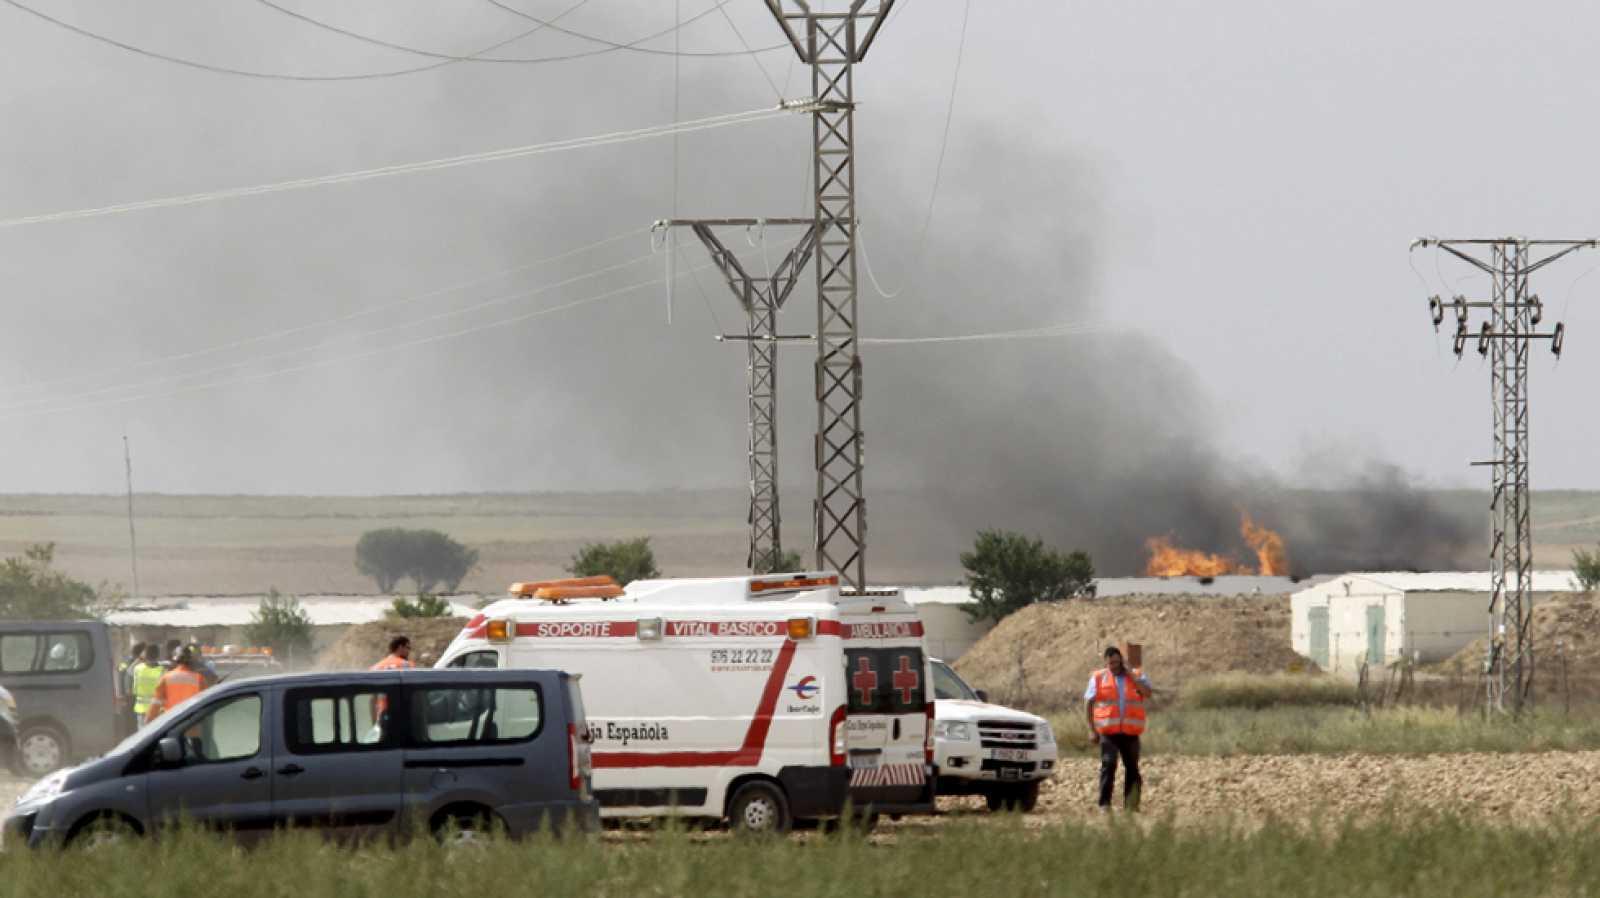 Cinco muertos y dos heridos graves en la explosión de una pirotecnia en Zaragoza